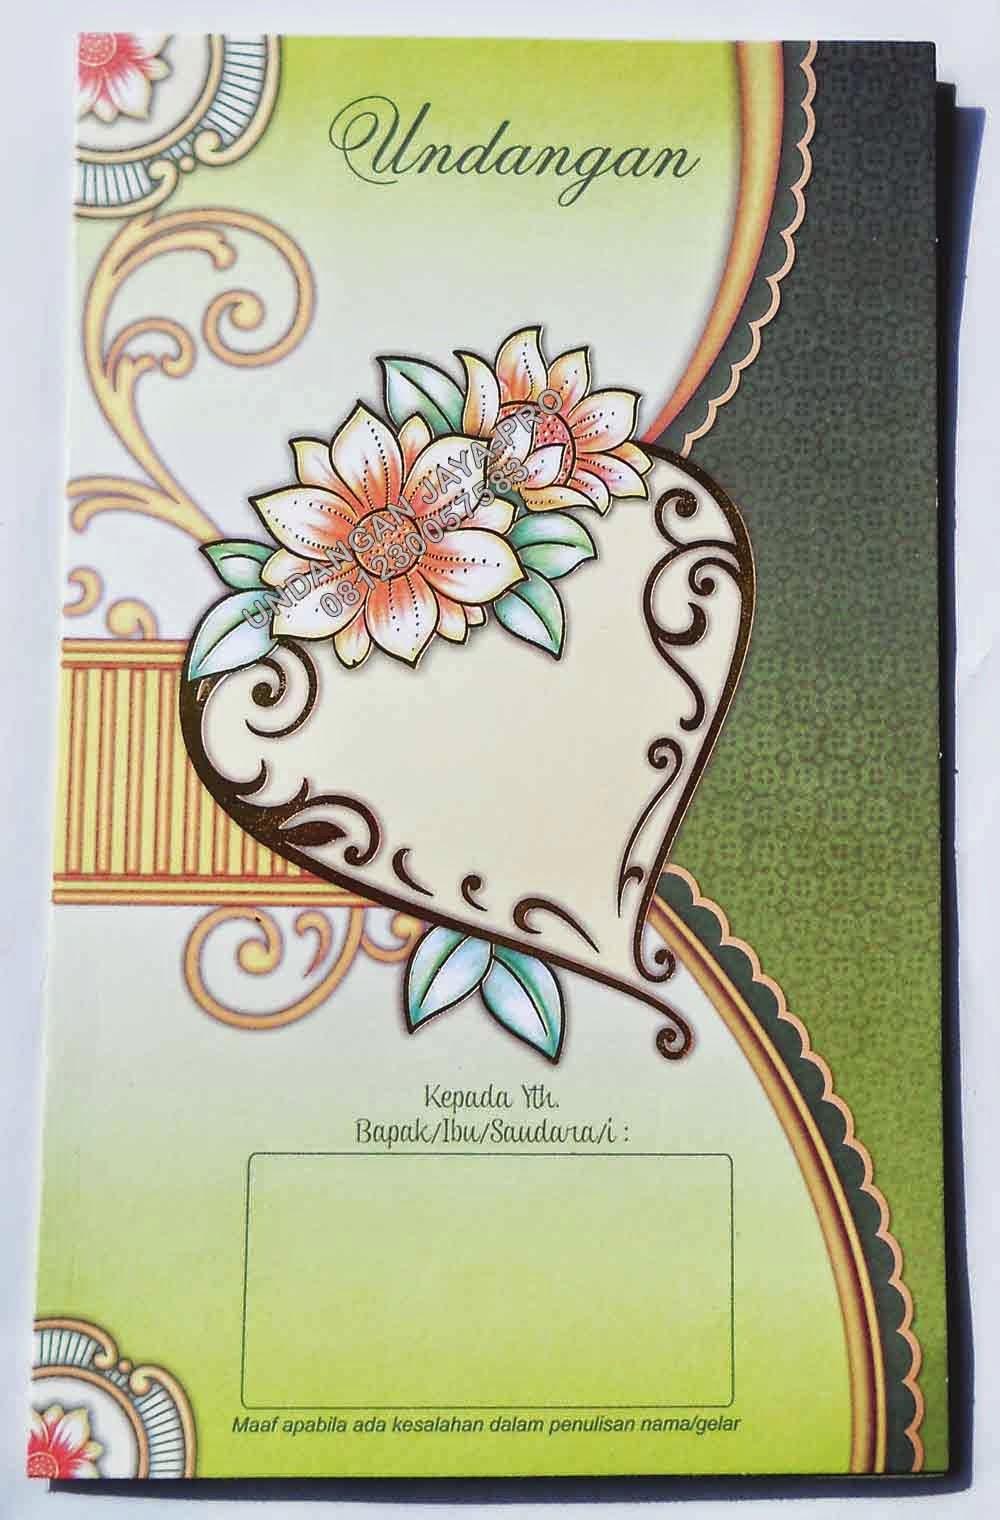 Desain Undangan Pernikahan Harga 2000